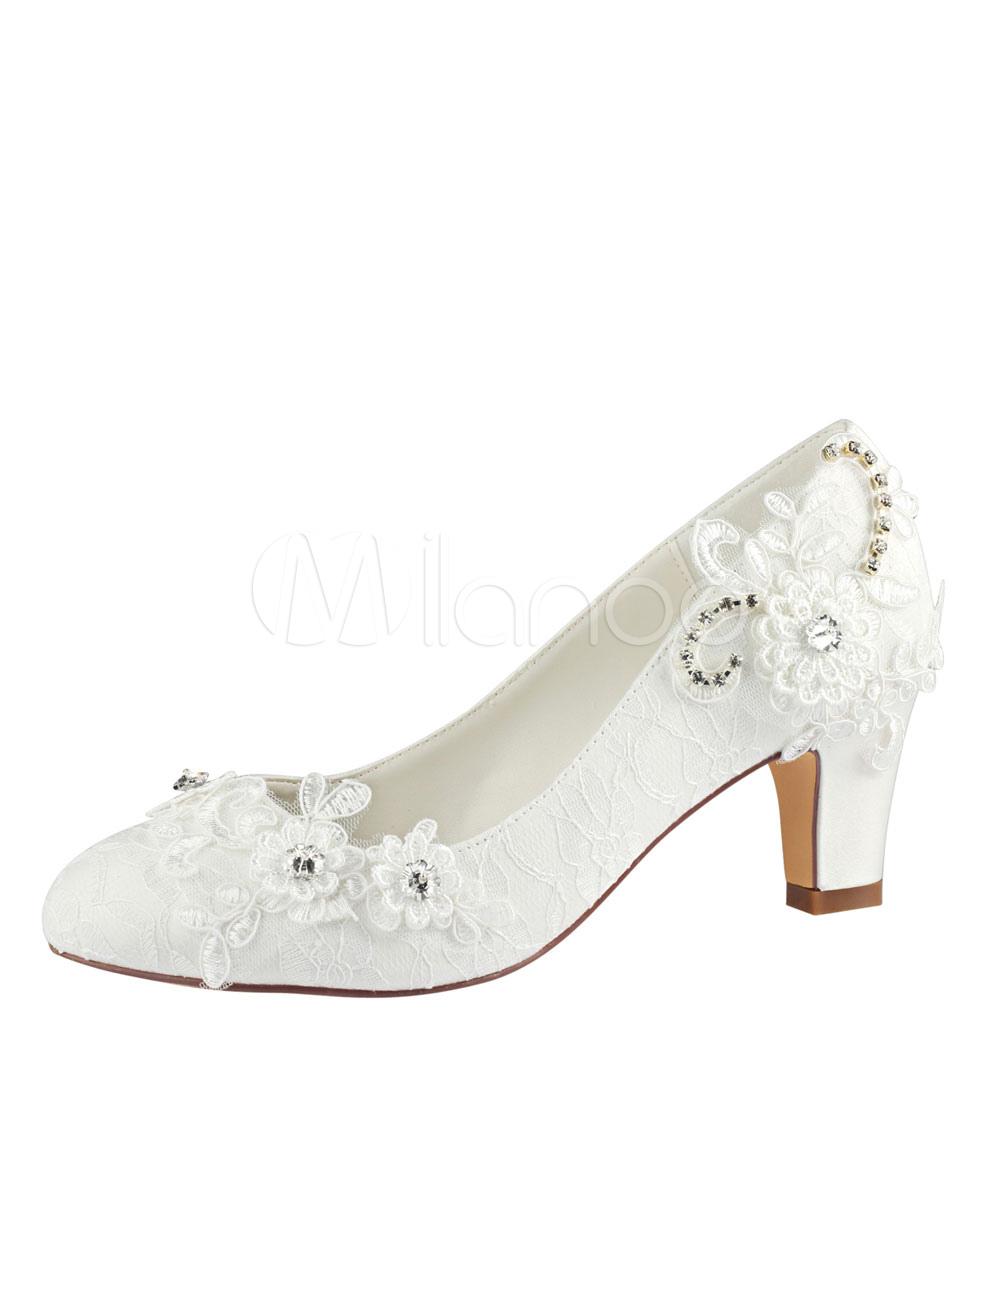 Lace Wedding Shoes Ivory Round Toe Rhinestones Slip On Bridal Shoes